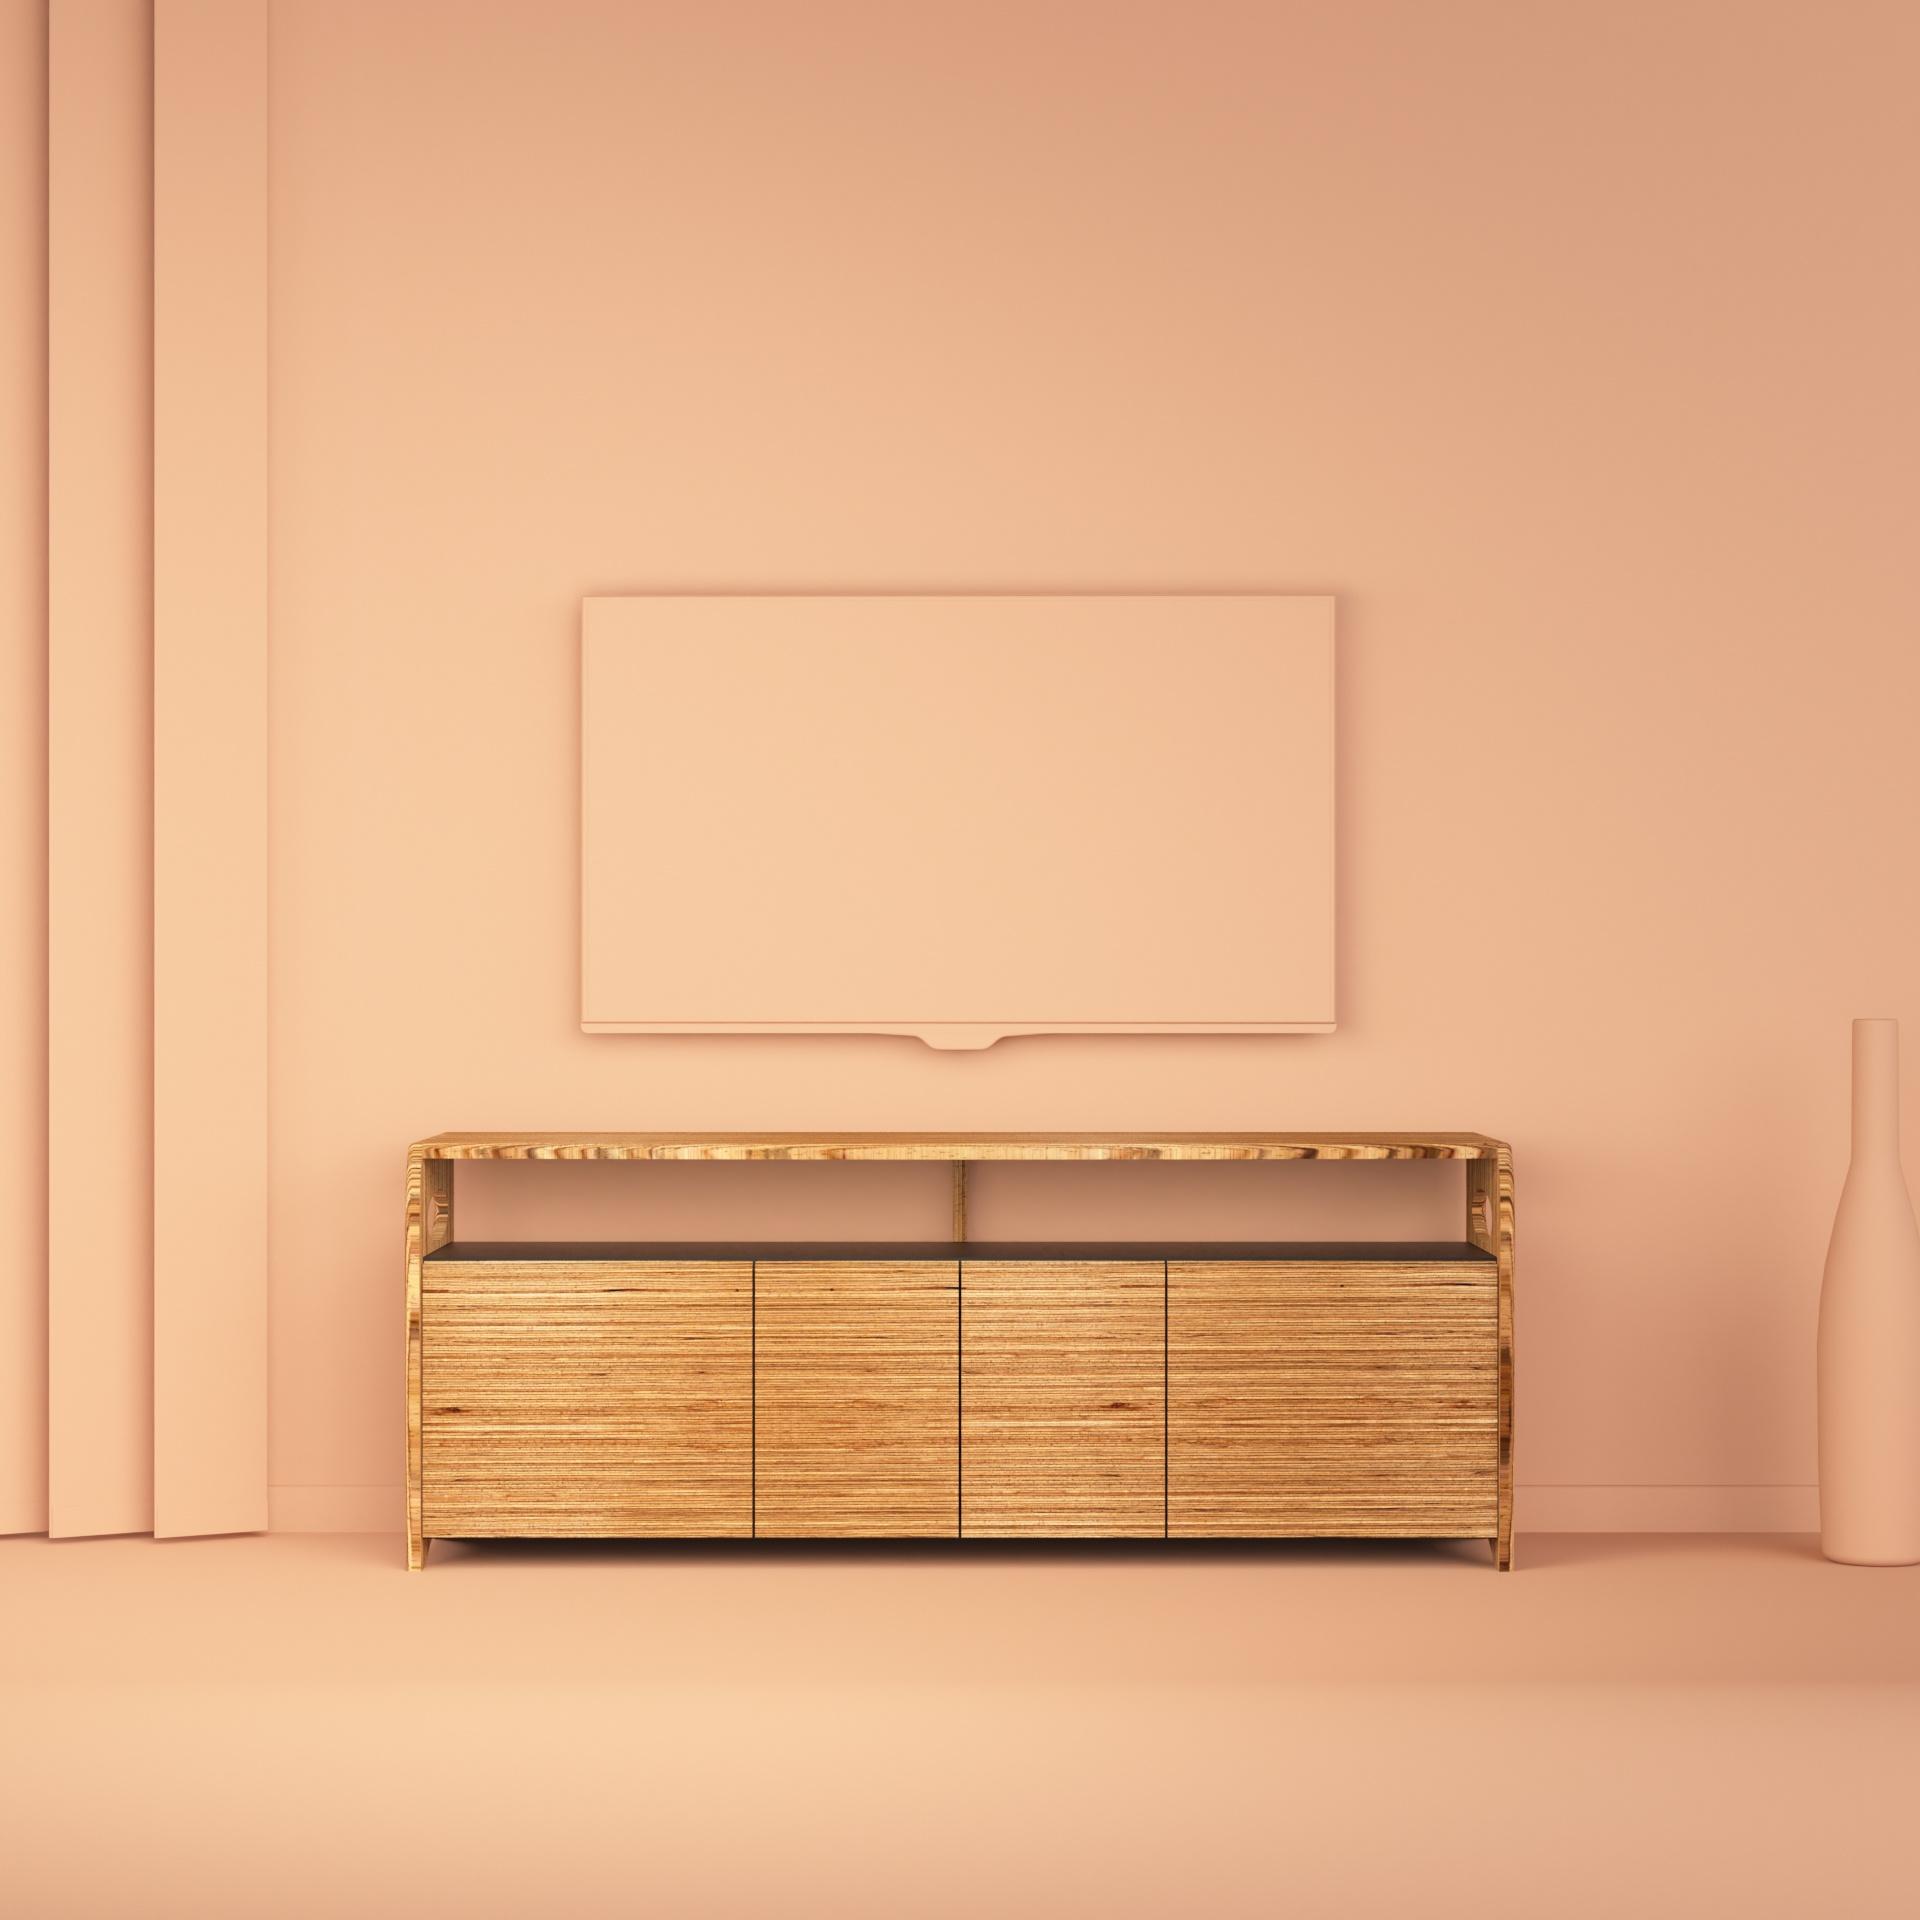 meuble buffet TV octavie 145 cm en bois de hêtre multiligne de type baubuche et valchromat noir